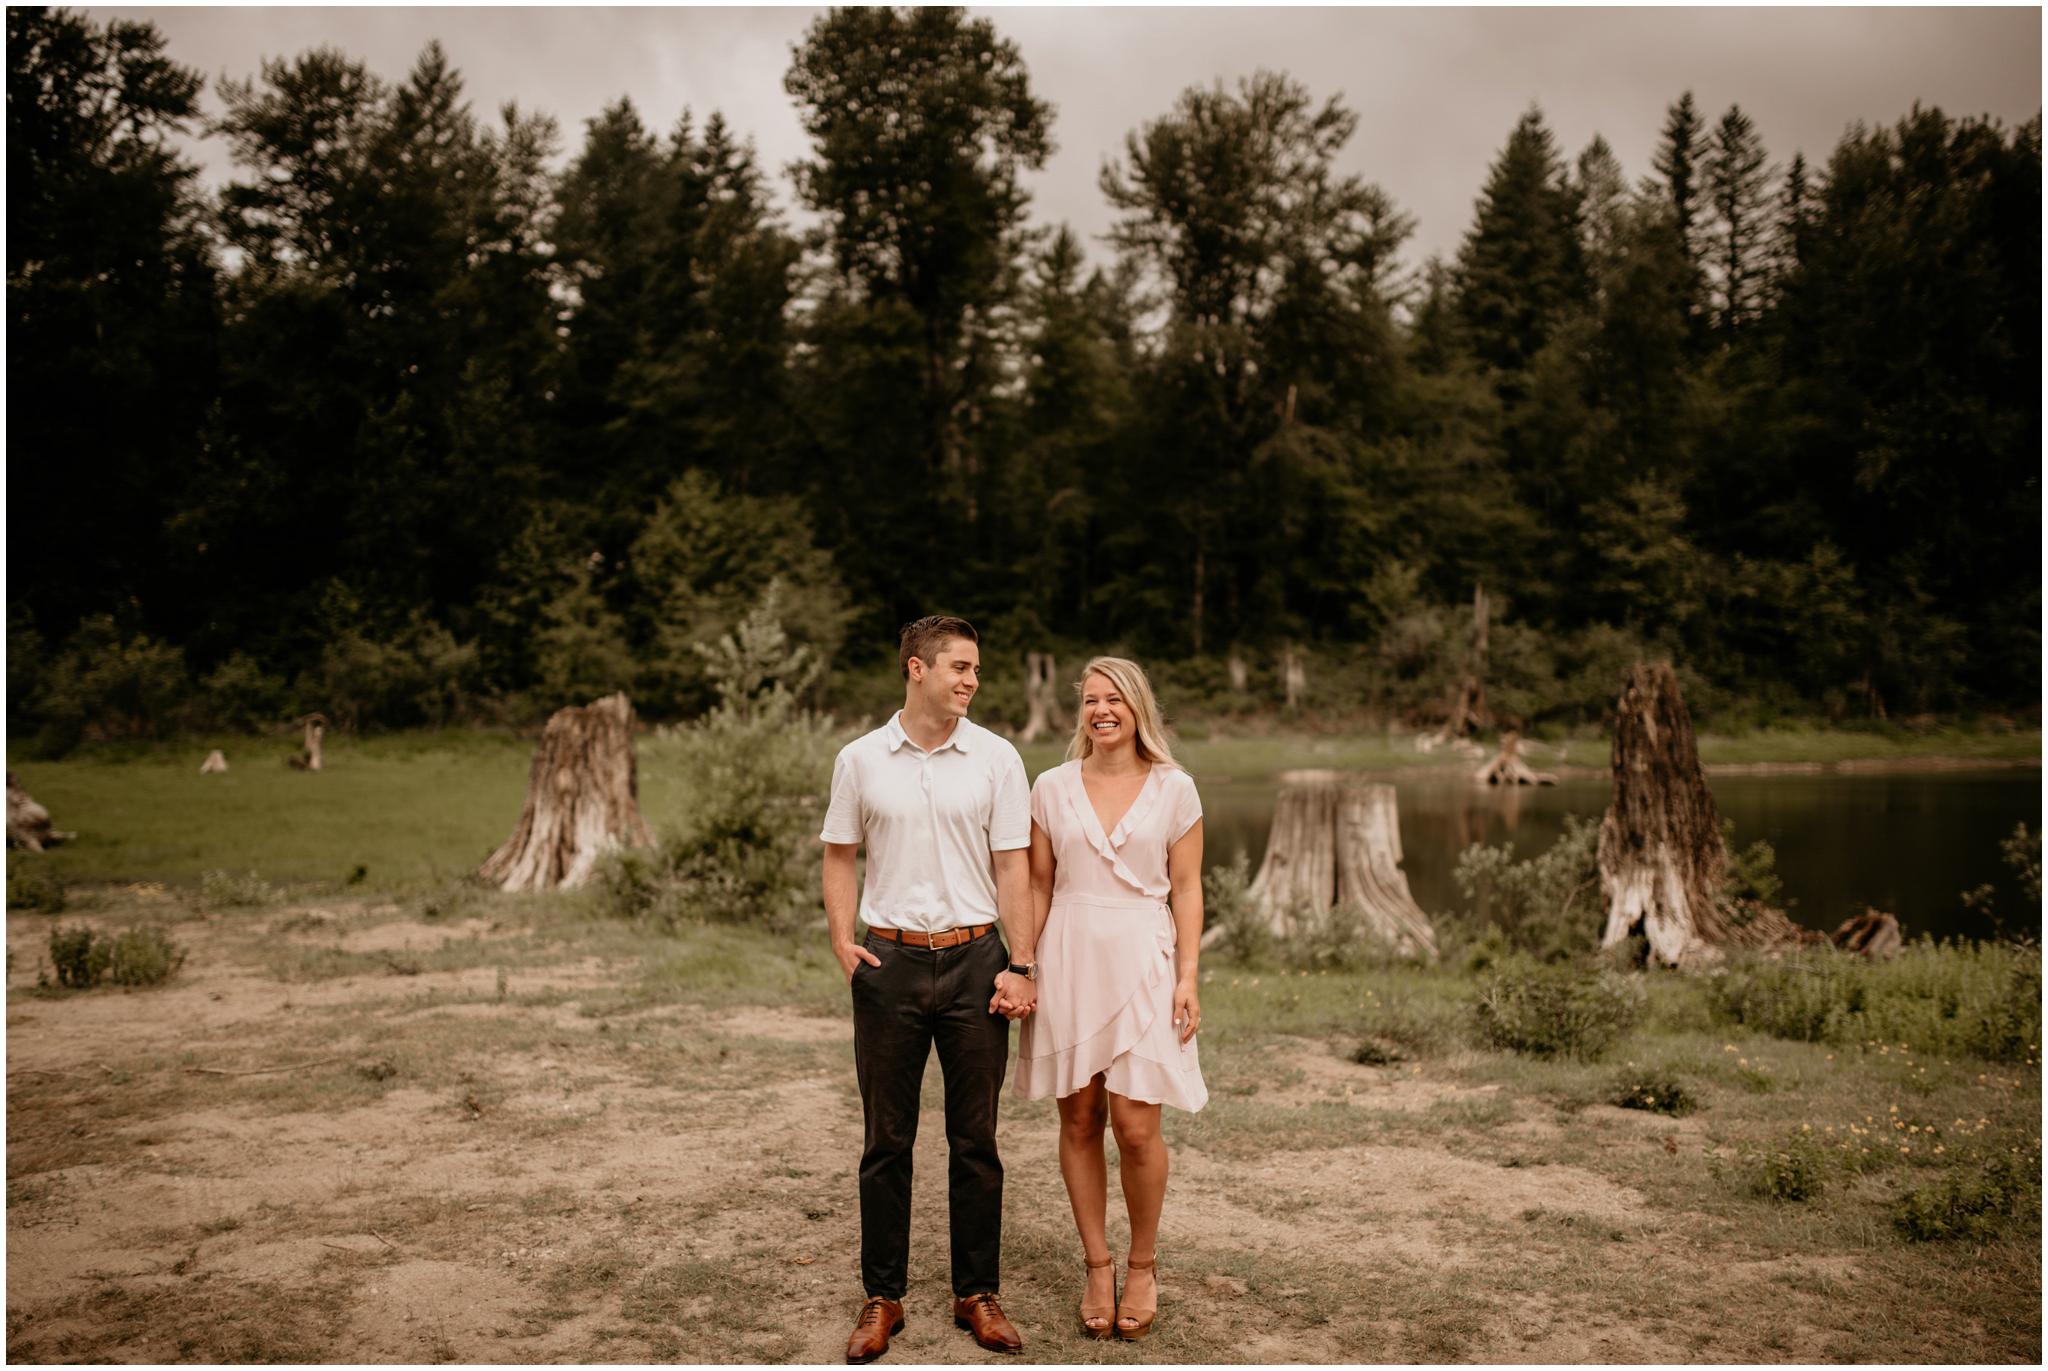 katie-nolan-rattlesnake-lake-engagement-session-seattle-wedding-photographer-004.jpg